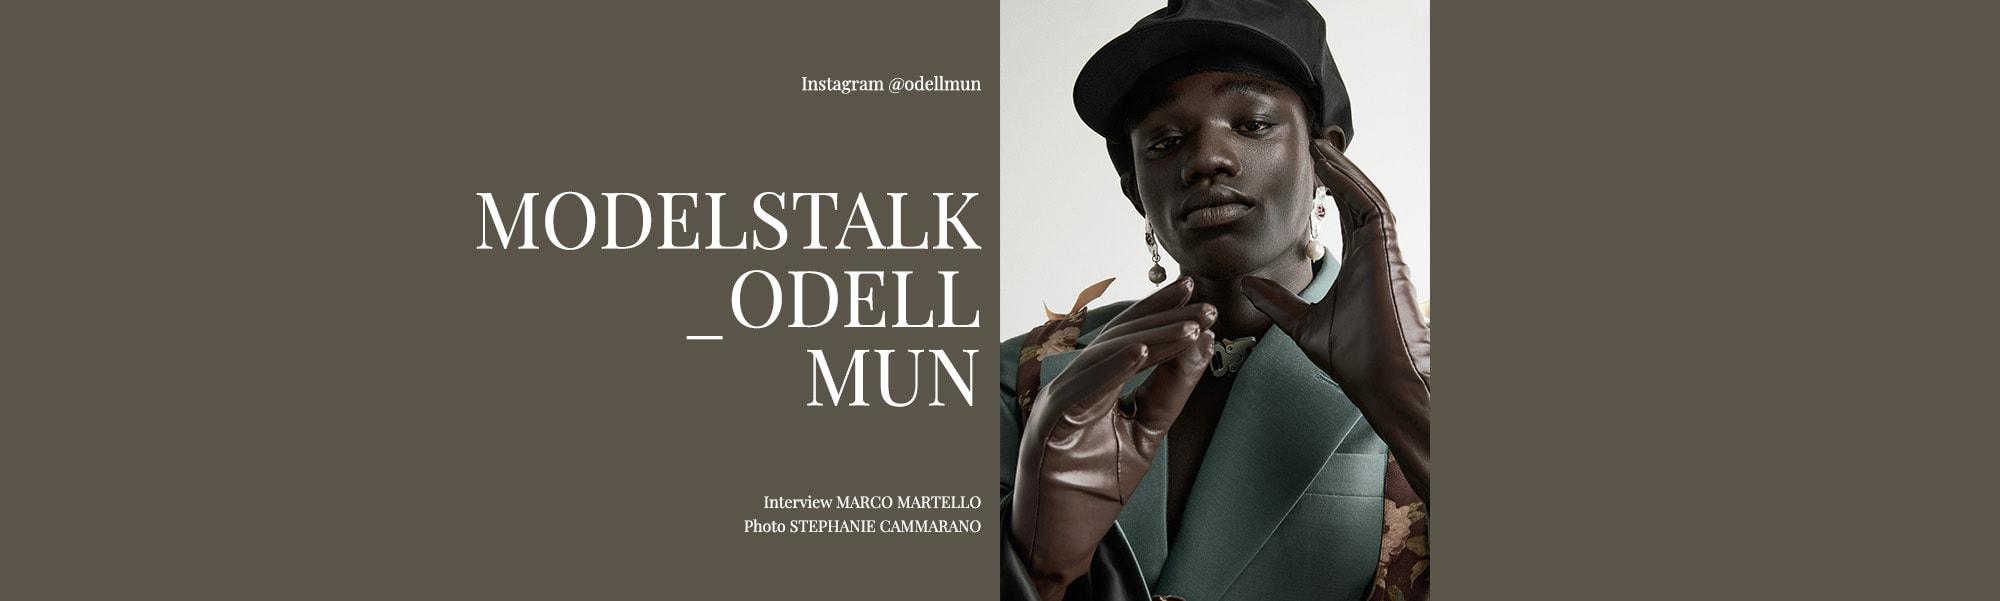 thegreatestmagazine-talkingheads-odell-mun-banner